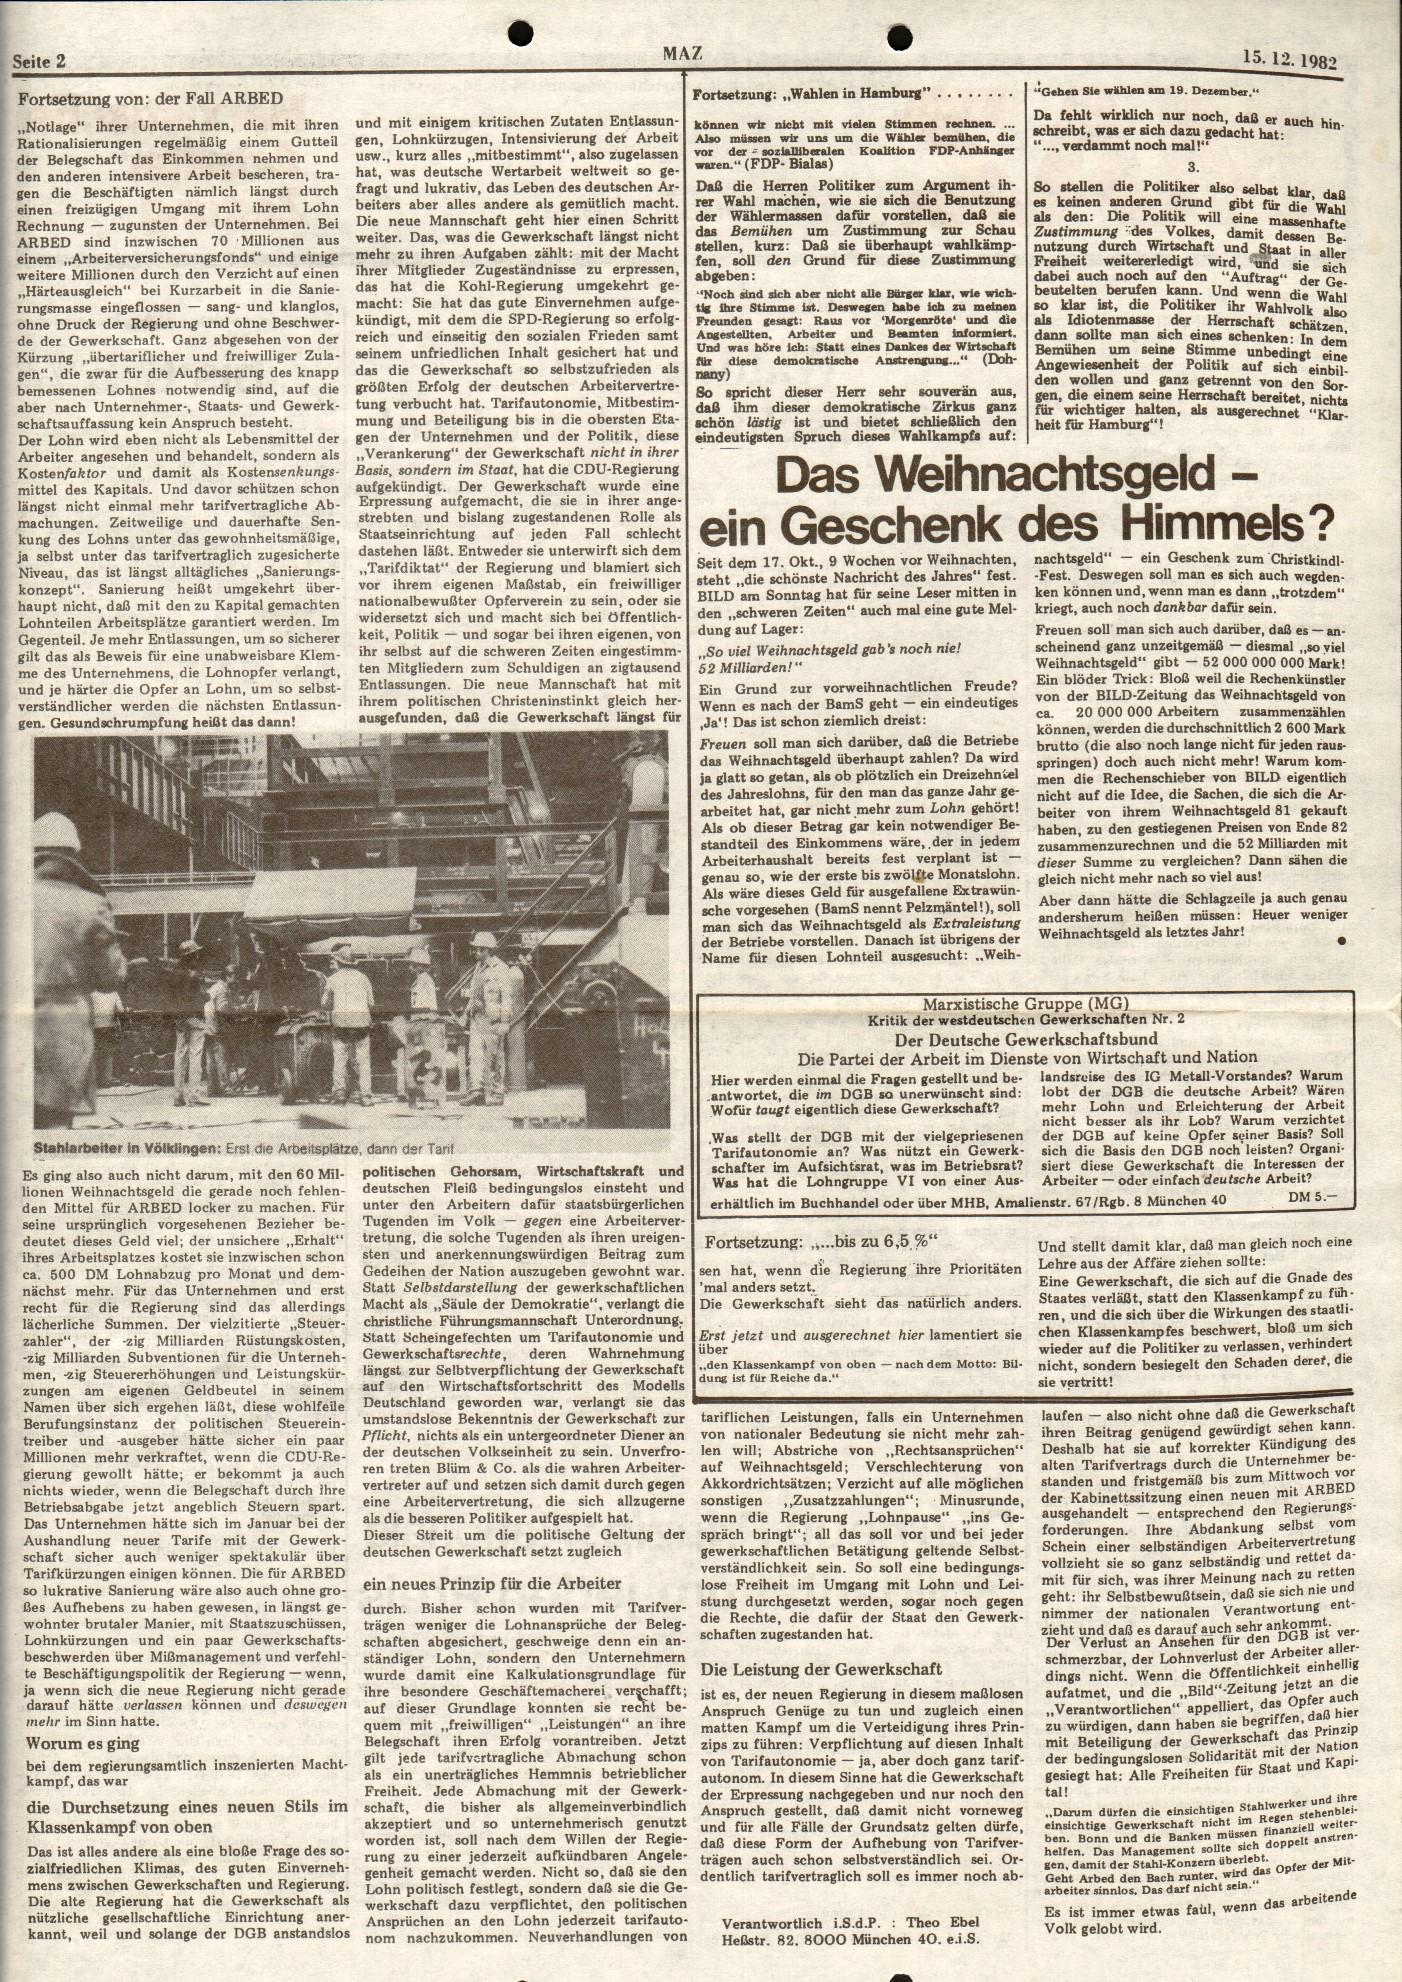 Hamburg_MG_MAZ_19821215_02